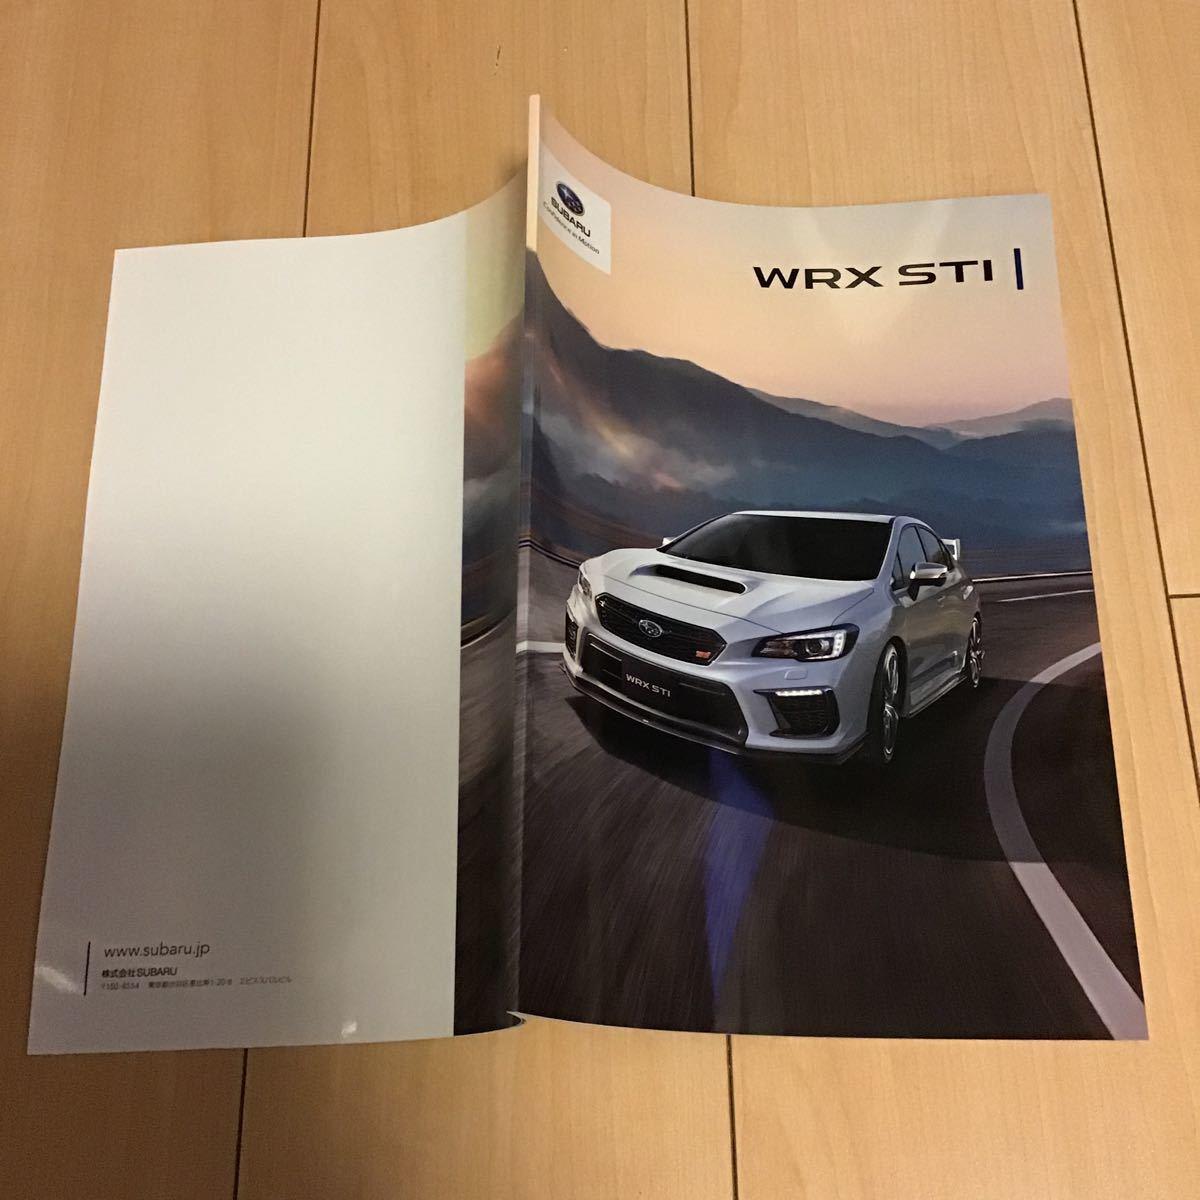 最新版 2019年5月 スバル WRX STI カタログ 47ページ 3冊セット (0623)_画像2